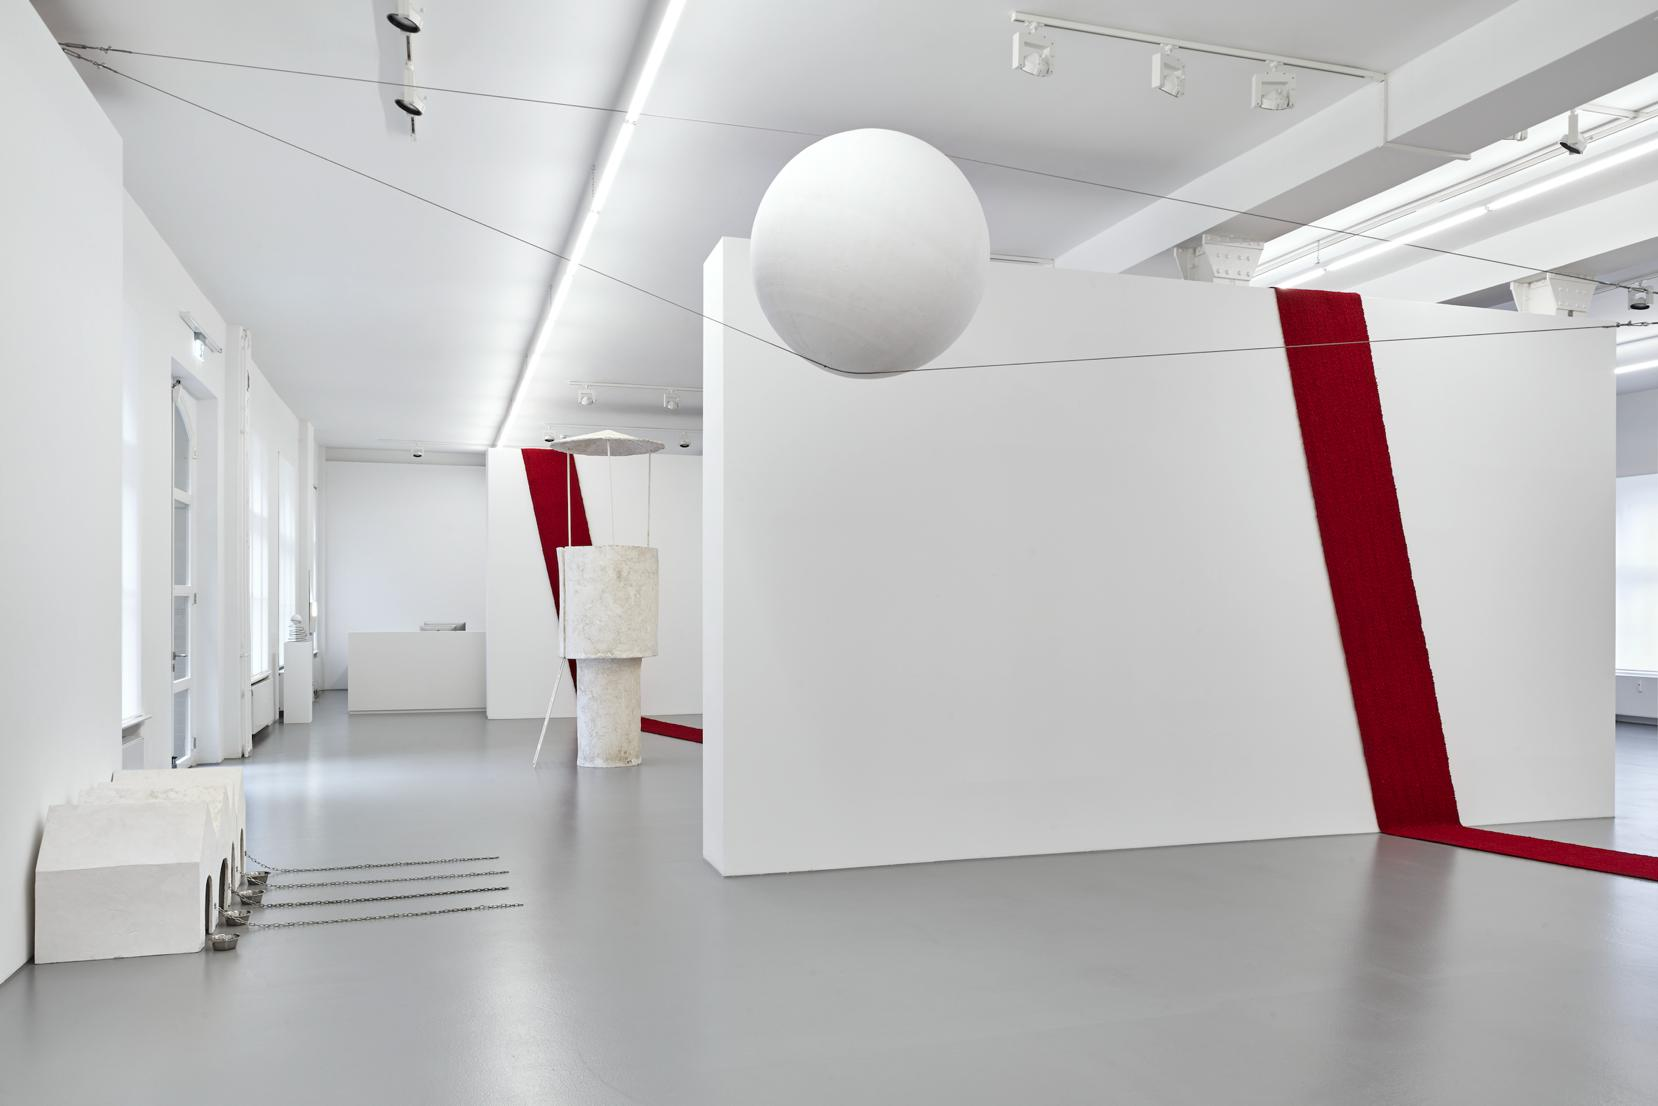 """Inge Mahn, """"Balansująca kula"""", 2015, widok wystawy w Galerie Max Hetzler, Berlin, dzięki uprzejmości Galerie Max Hetzler. Fot. def-image.com (źródło: materiały prasowe organizatora)"""